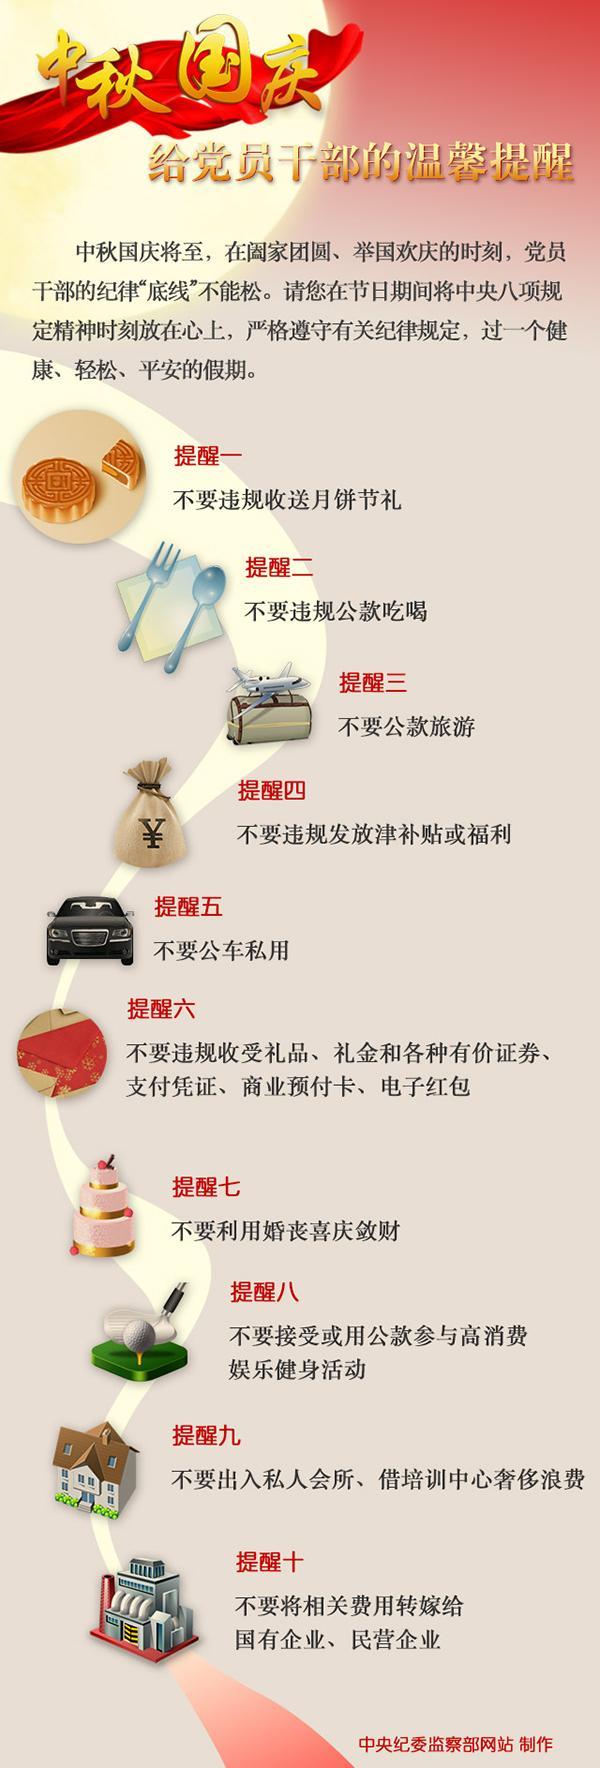 中纪委双节发提醒:不要出入私人会所和公款旅游